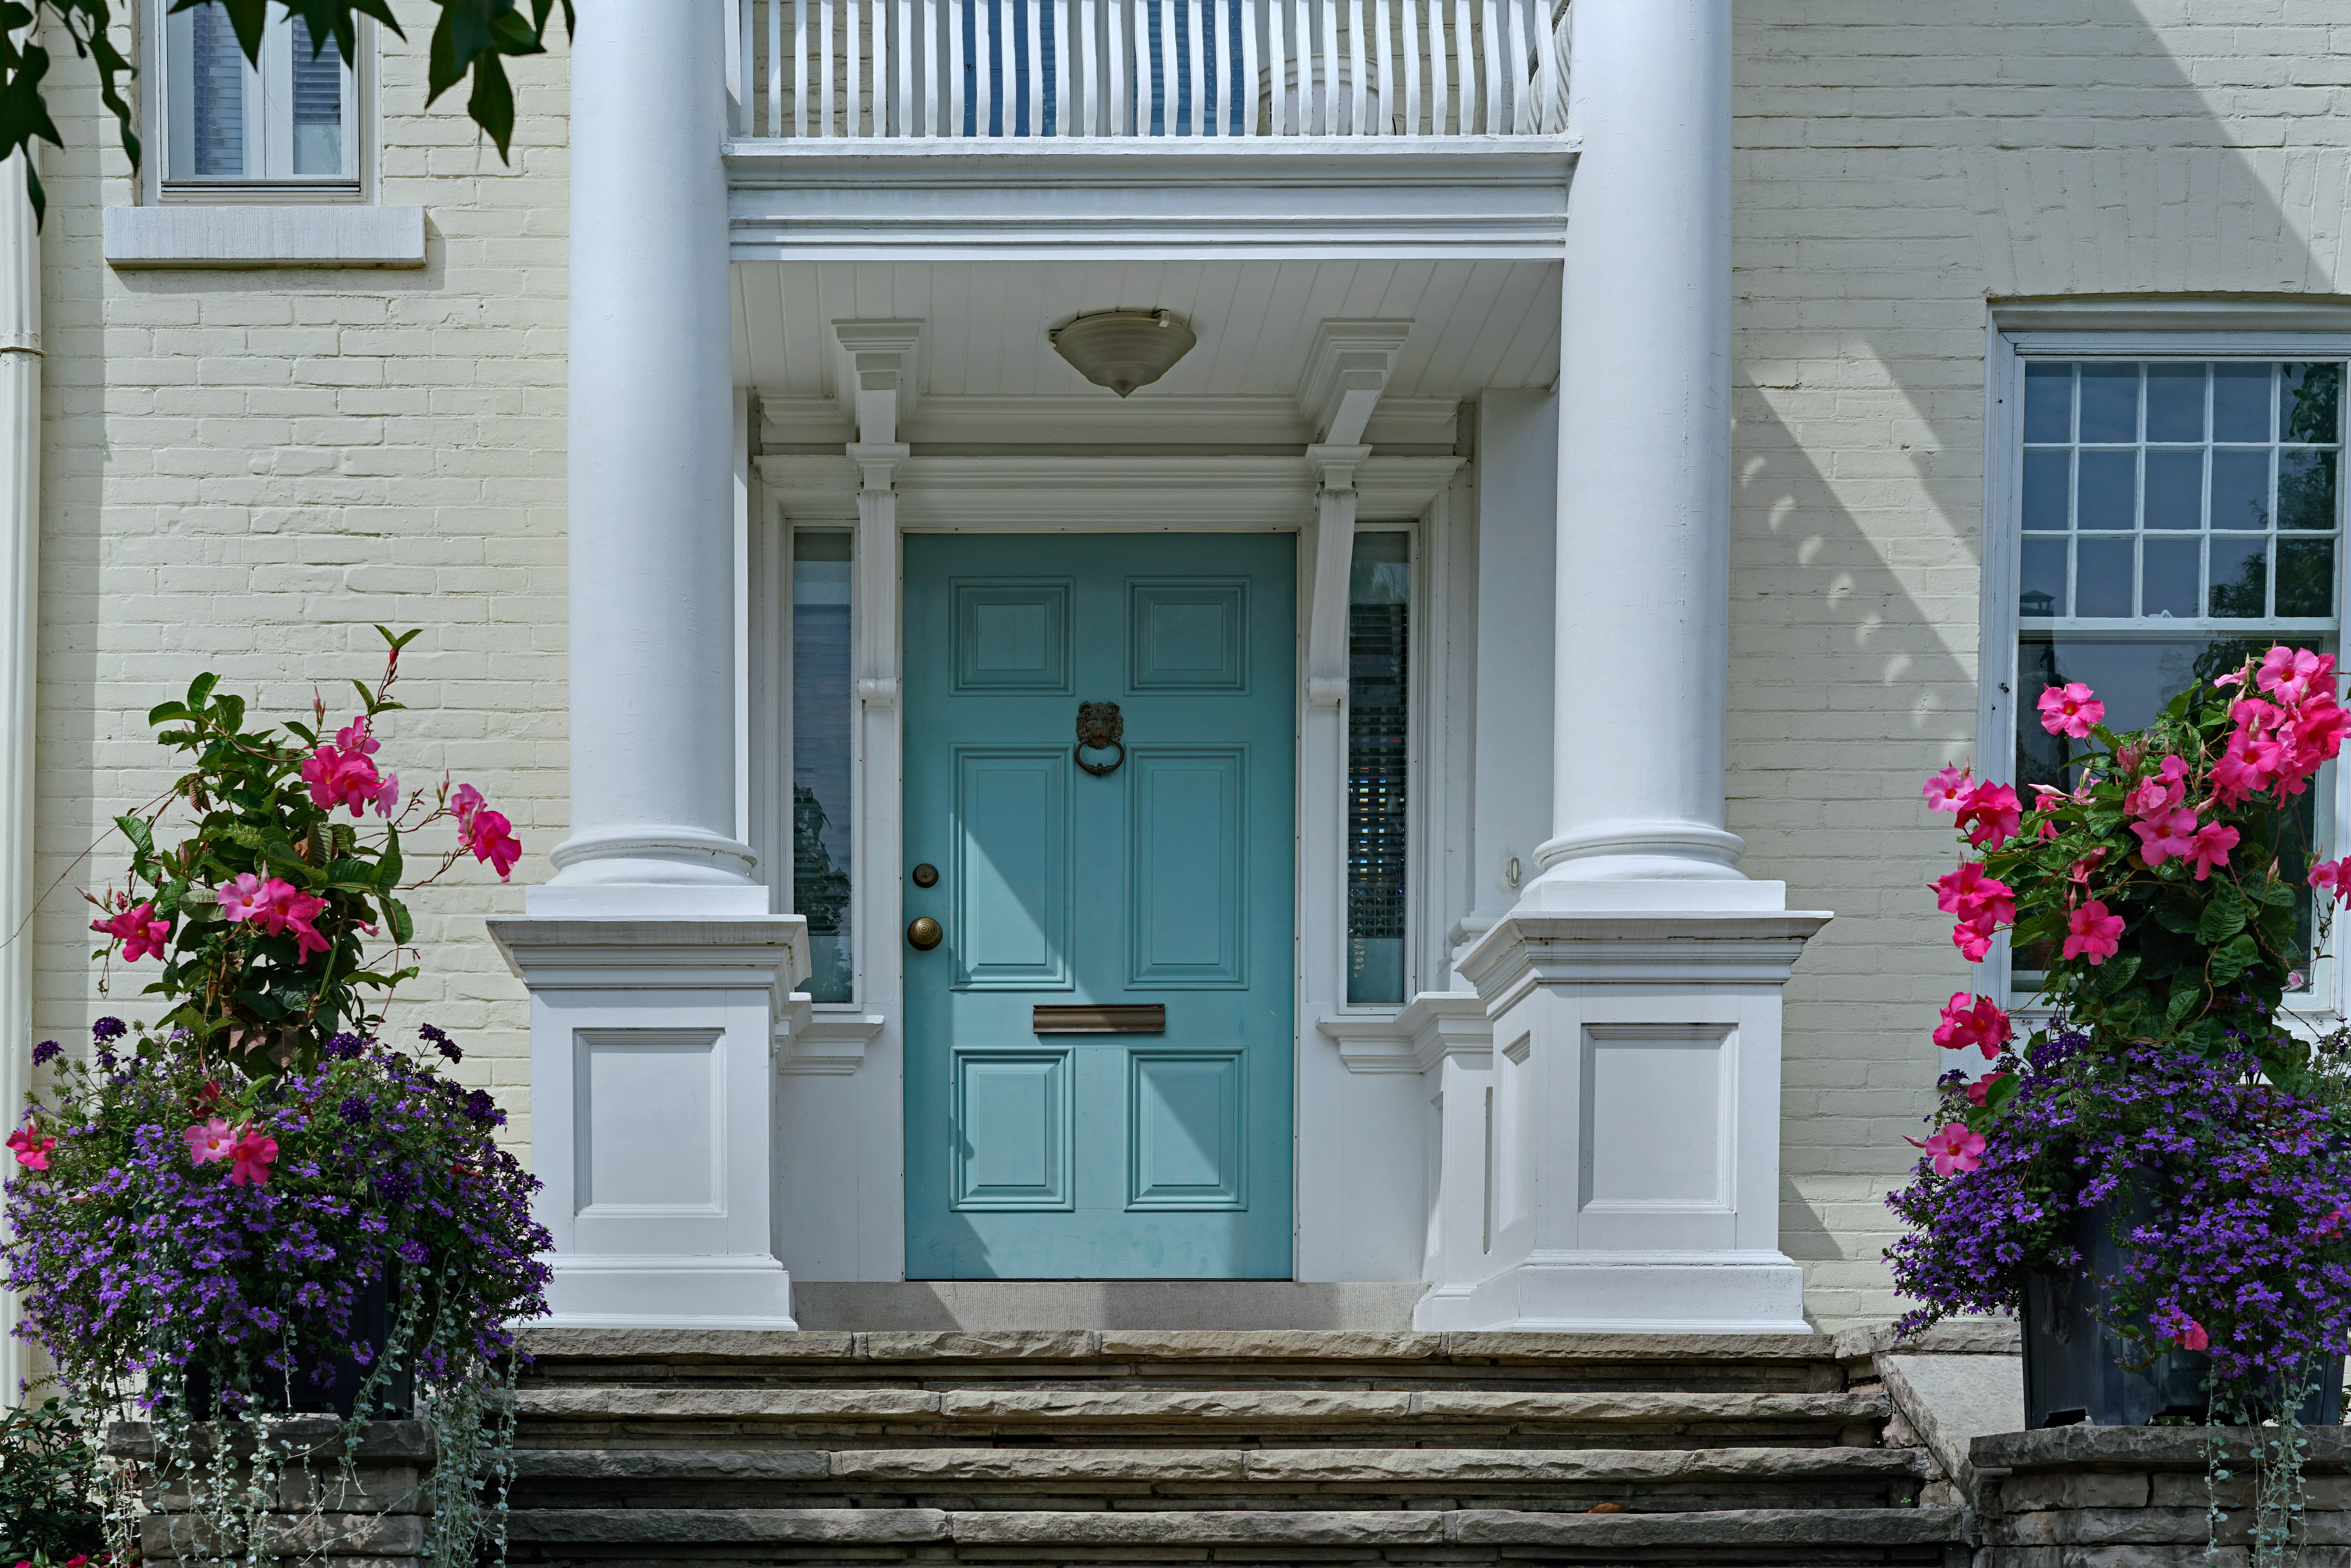 Elegant front door with white pillars